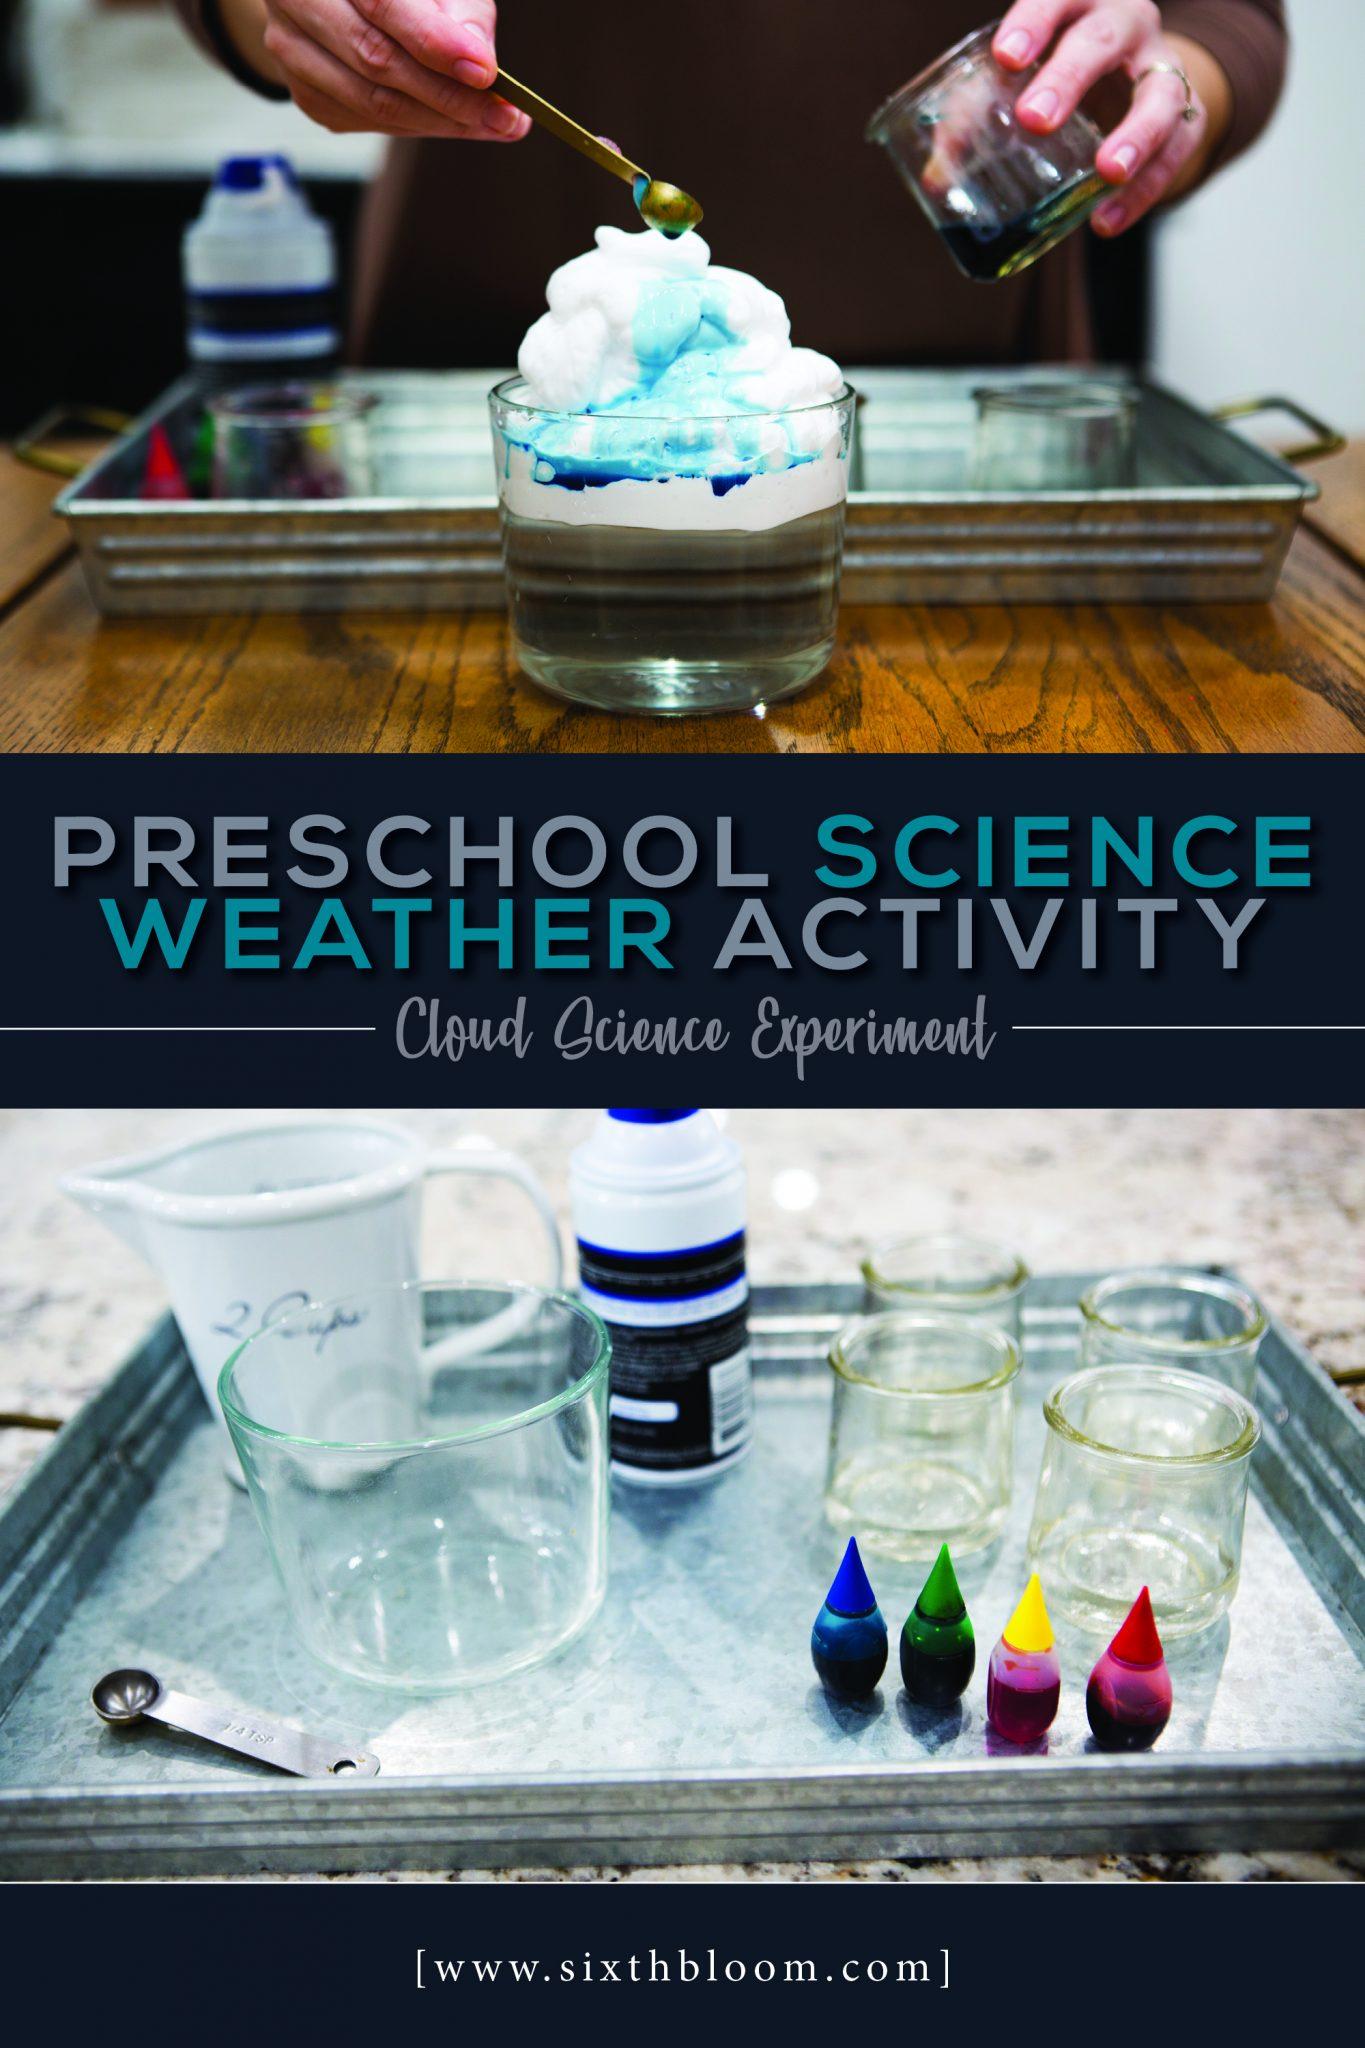 Preschool Science Weather Activity